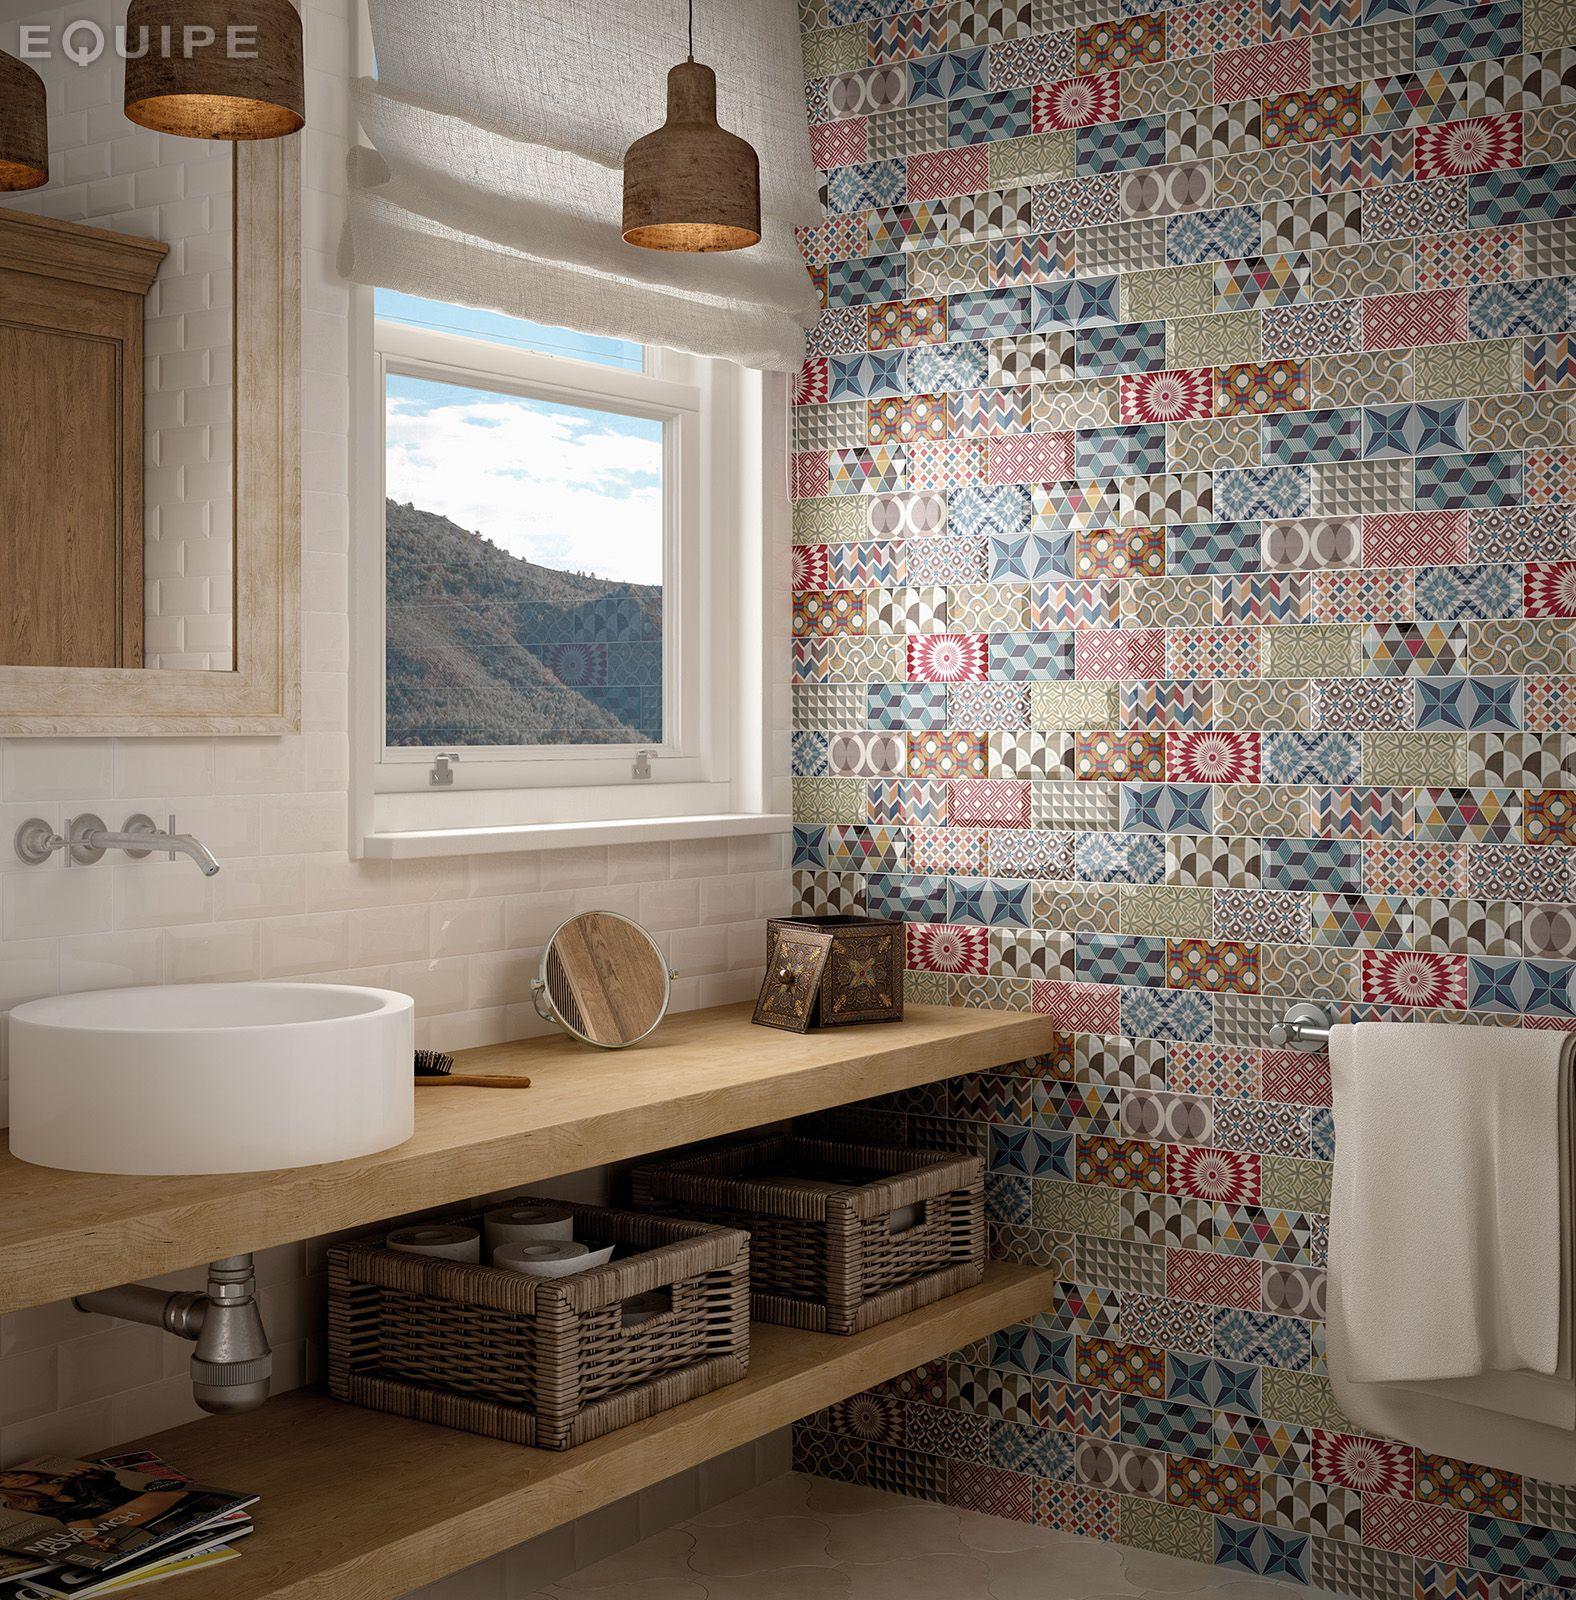 Golden Tile Zebrano Httpkeramidacomuabathroomukraine3727 Golden Tile Zebrano - - Pinterest